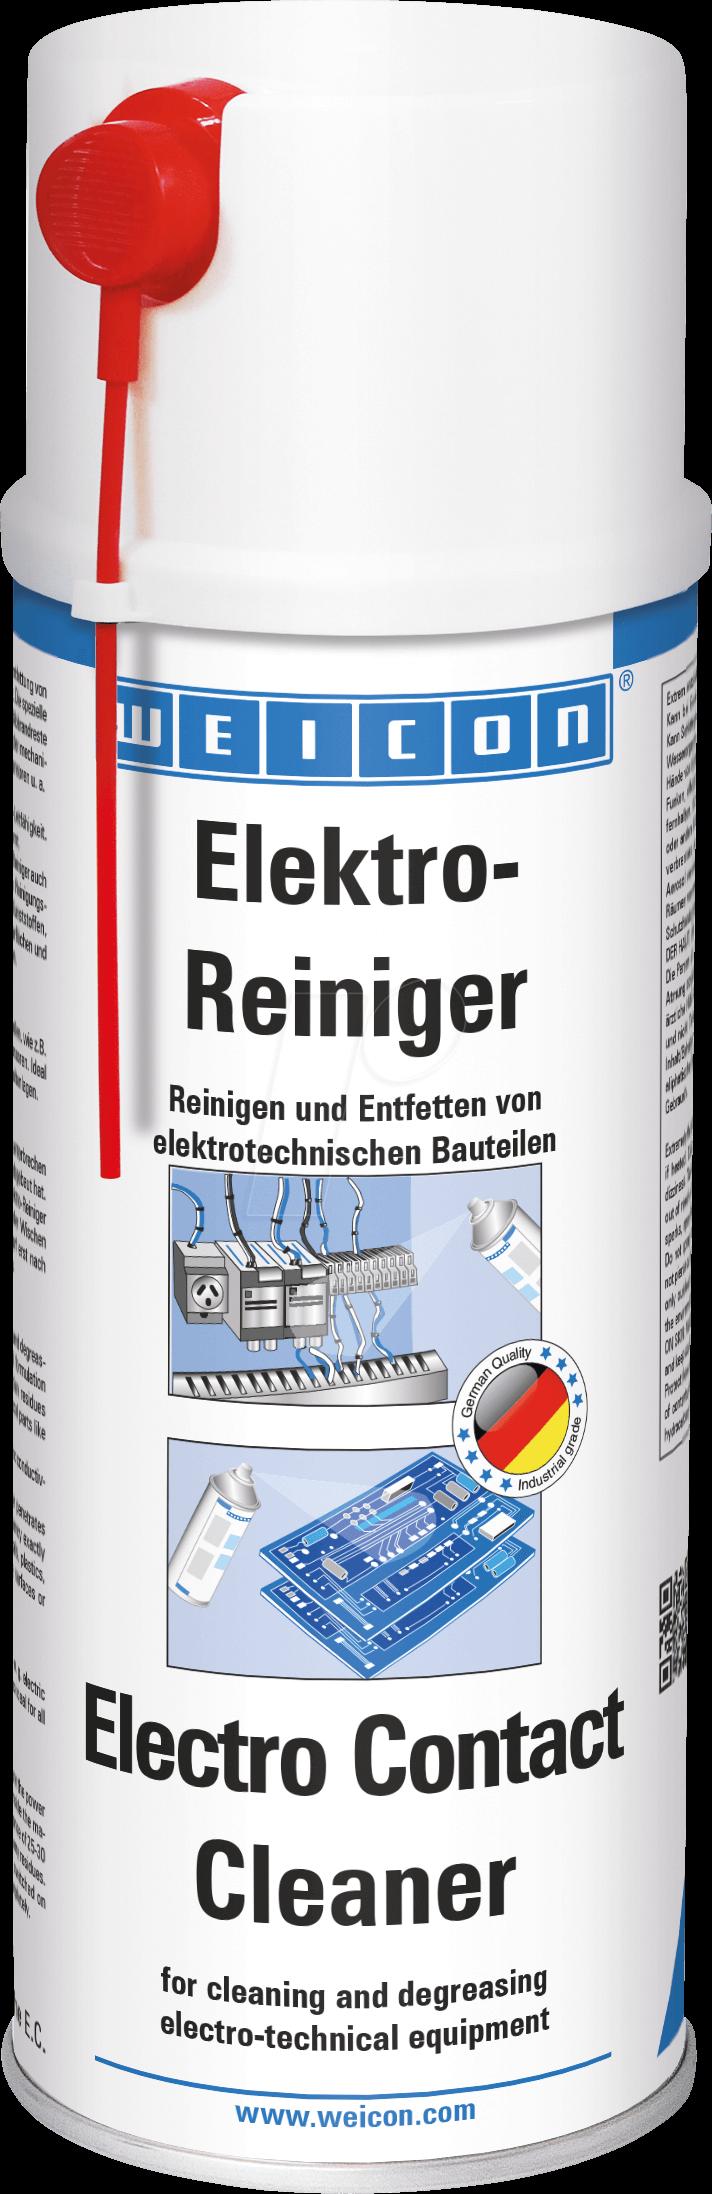 WEICON 11210400 - Kontaktspray, Elektroreiniger, 400 ml, entfettend